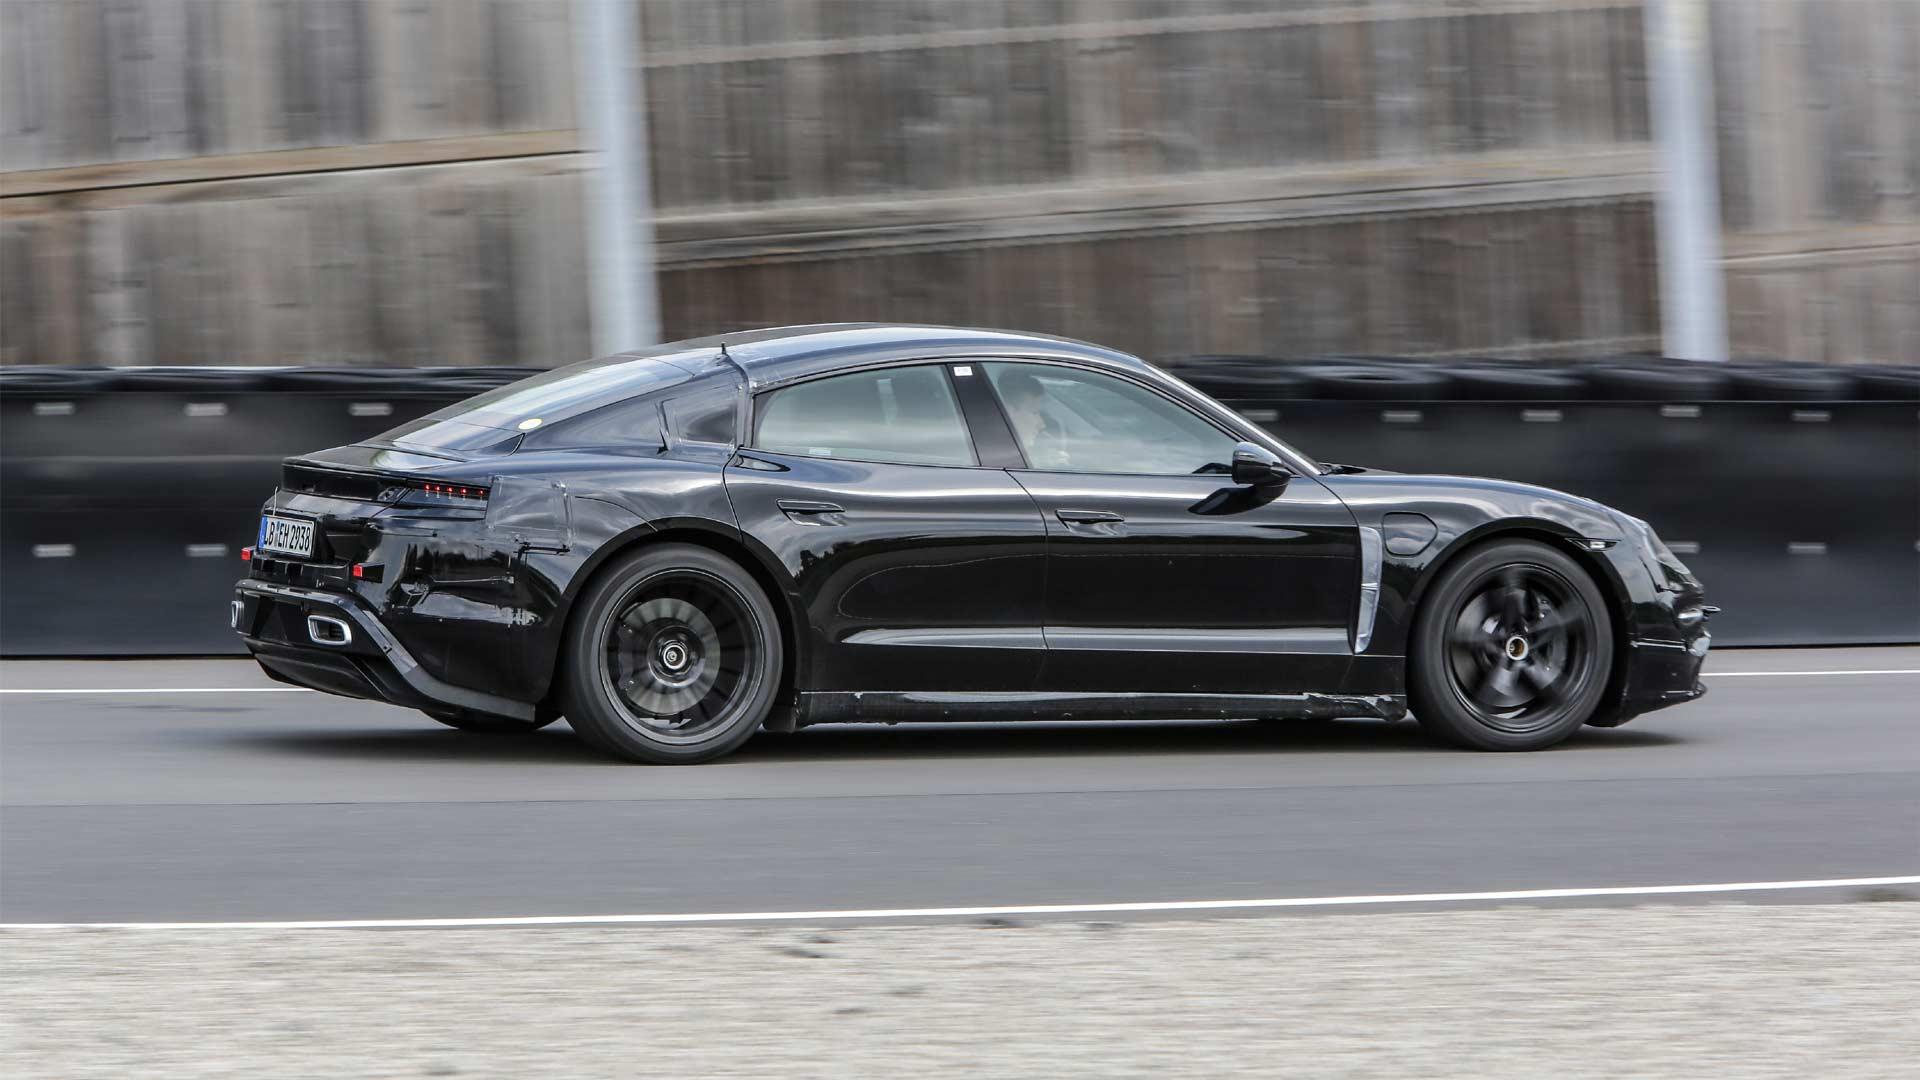 Porsche-Mission-E-prototype-test-drive-Mark-Webber_2